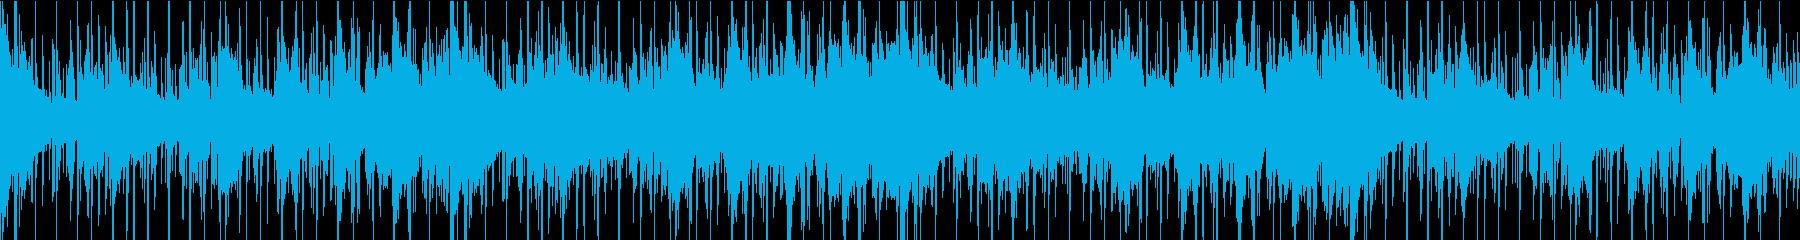 【高クオリティ】アダルトなR&B・SAXの再生済みの波形